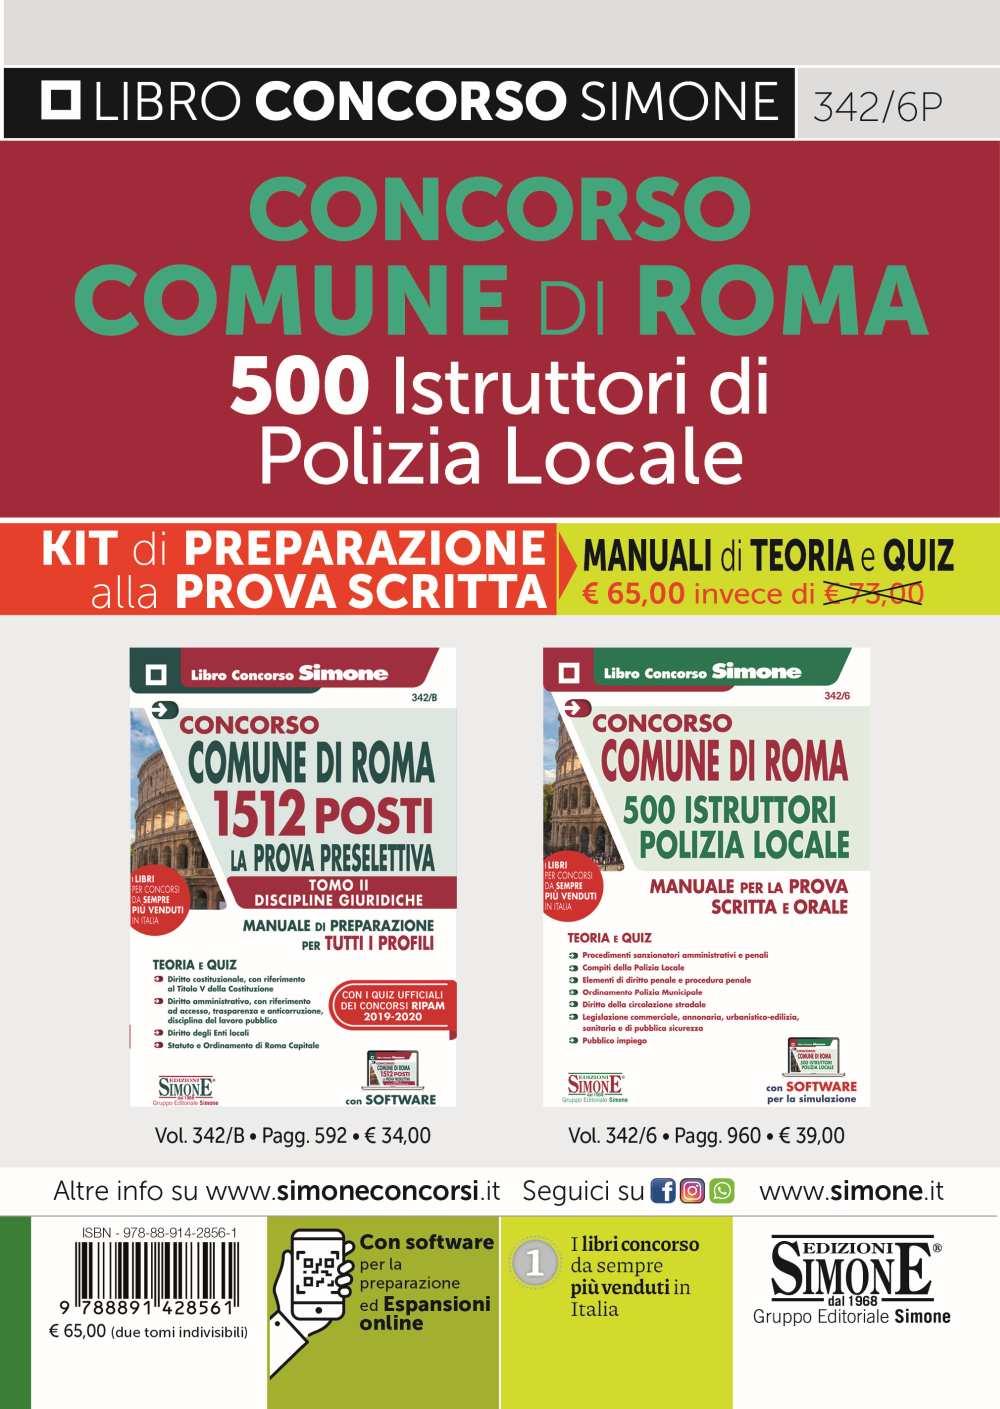 Comune di Roma 500 Istruttori di Polizia Locale